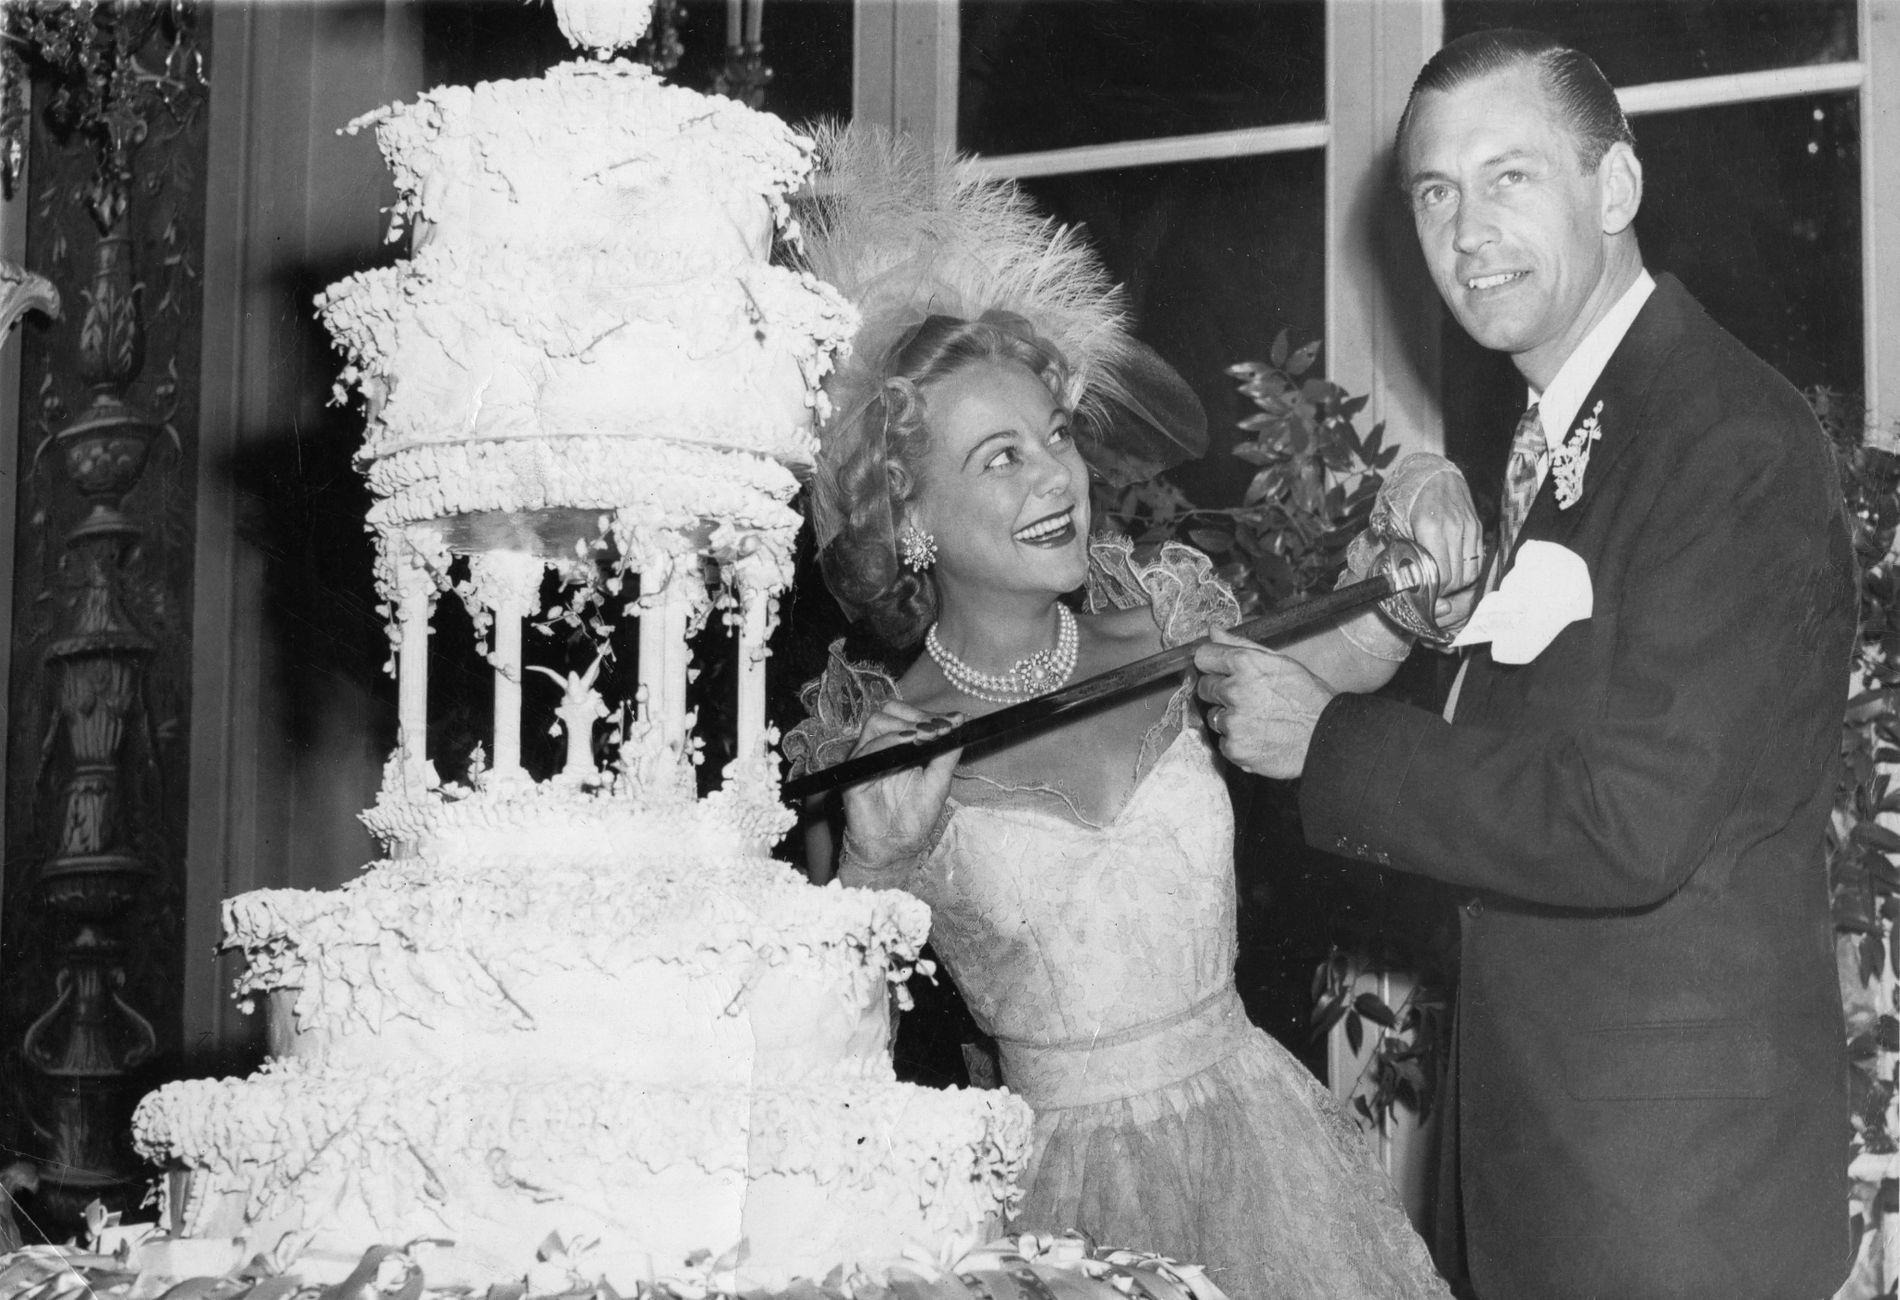 BRYLLUP: Sonja Henie giftet seg med Winthrop Gardiner jr. i 1949, men paret ble skilt i 1956.